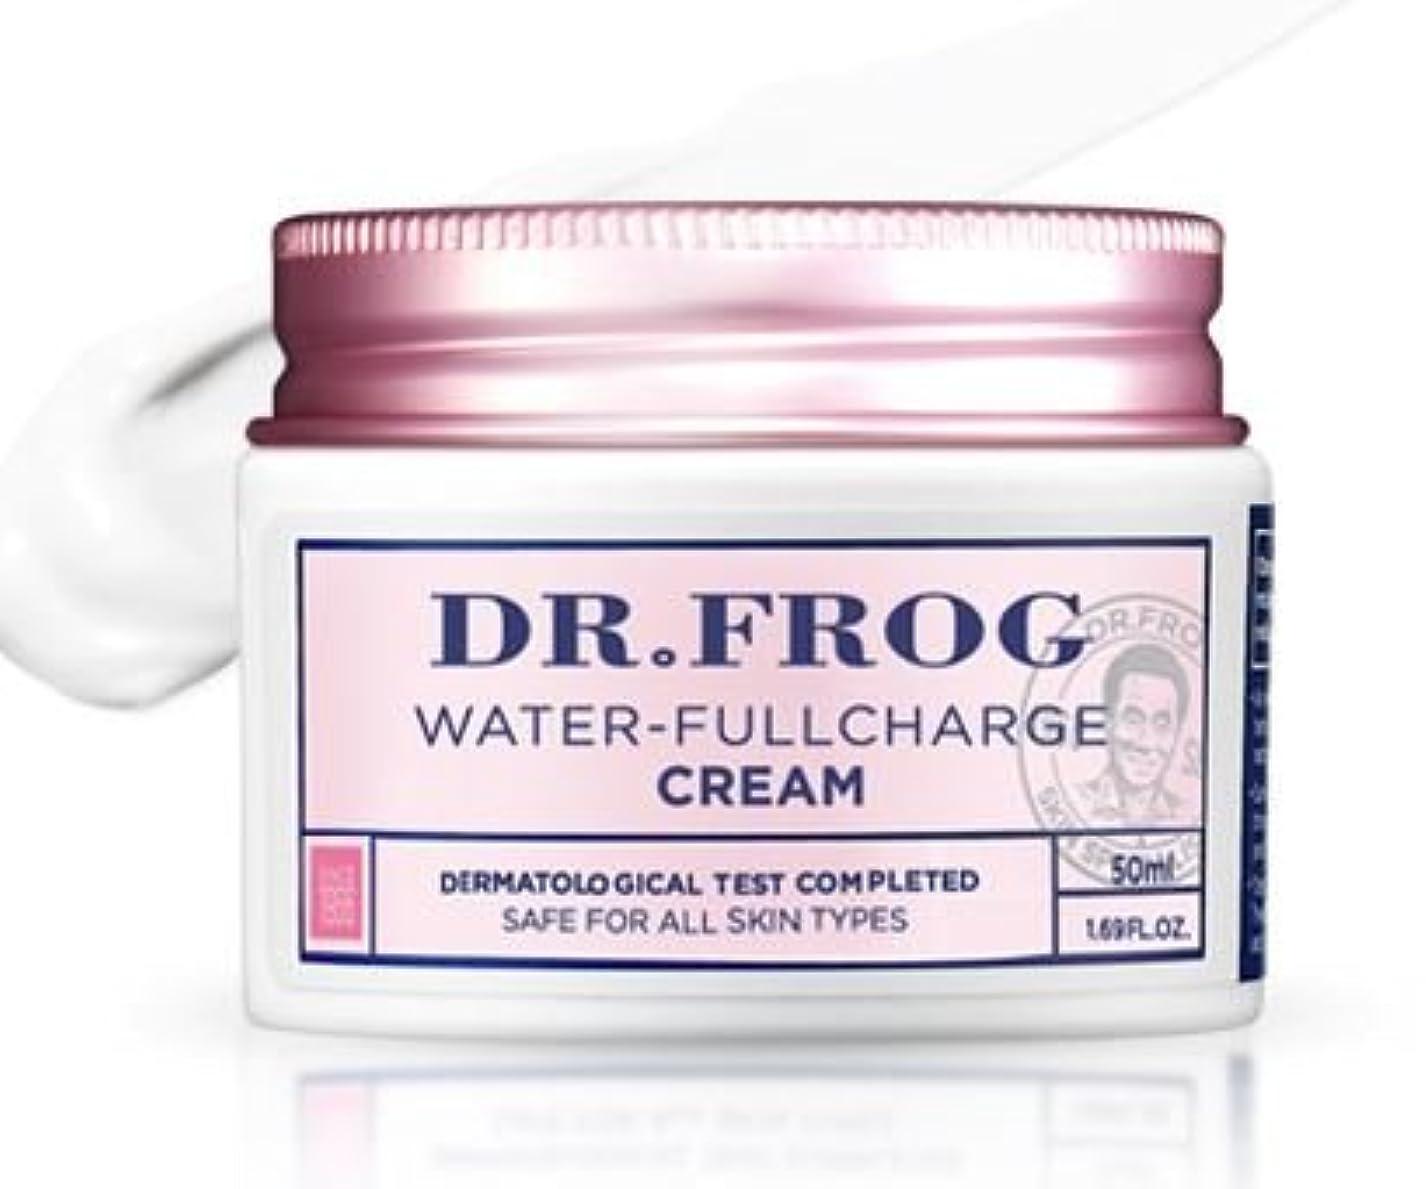 マントル分離する刈るDR.FROG Water-Fullcharge Cream 50ml/ディーアールフロッグ ウォーター・フルチャージ・クリーム 50ml [並行輸入品]